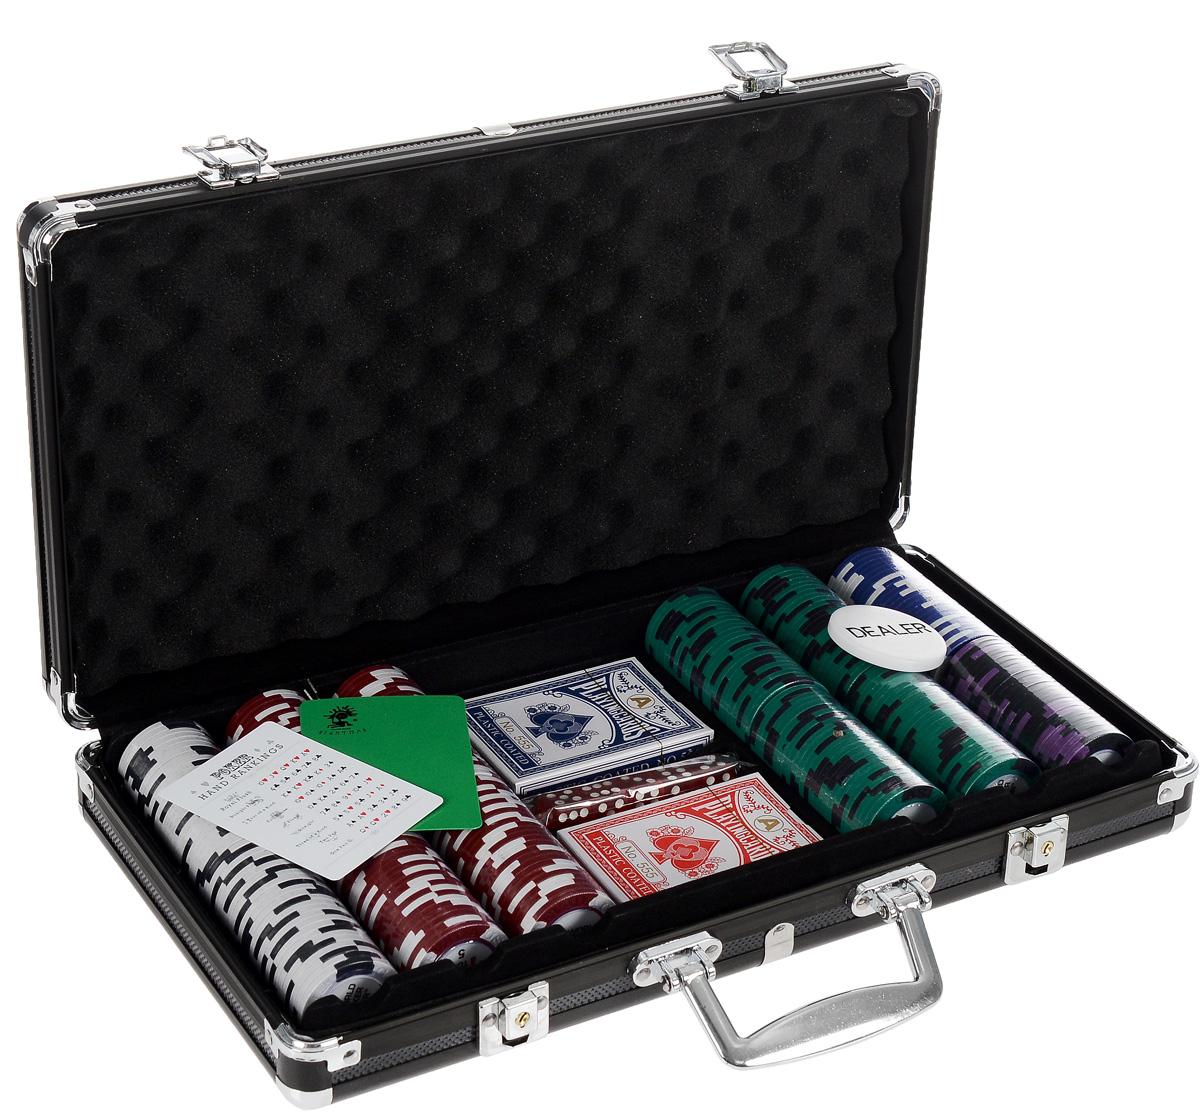 Набор для покера Nightman WPT 300, размер: 70х237х405 мм. УТ-00000459УТ-00000459Набор для игры в покер - то, что нужно для отличного проведения досуга. Набор состоит из двух колод игральных карт, 300 игровых пластиковых фишек c номиналами, фишки Dealer, подрезной карты, кубиков и карточки с комбинациями. Набор фишек состоит из 50 фишек белого цвета номиналом 1, 100 фишек красного цвета номиналом 5, 100 фишек зеленого цвета номиналом 25, 25 фишек синего цвета номиналом 50, 25 фишек черно цвета номиналом 100. Предметы набора хранятся в черном металлическом кейсе, который закрывается на ключик. Для удобства переноски на кейсе имеется ручка. Такой набор станет отличным подарком для любителей покера. Покер (англ. poker) - карточная игра, цель которой - выиграть ставки, собрав как можно более высокую покерную комбинацию, используя 5 карт, или вынудив всех соперников прекратить участвовать в игре. Игра идет с полностью или частично закрытыми картами. Покер как карточная игра существует более 500 лет. Зародился он в Европе: в Испании,...